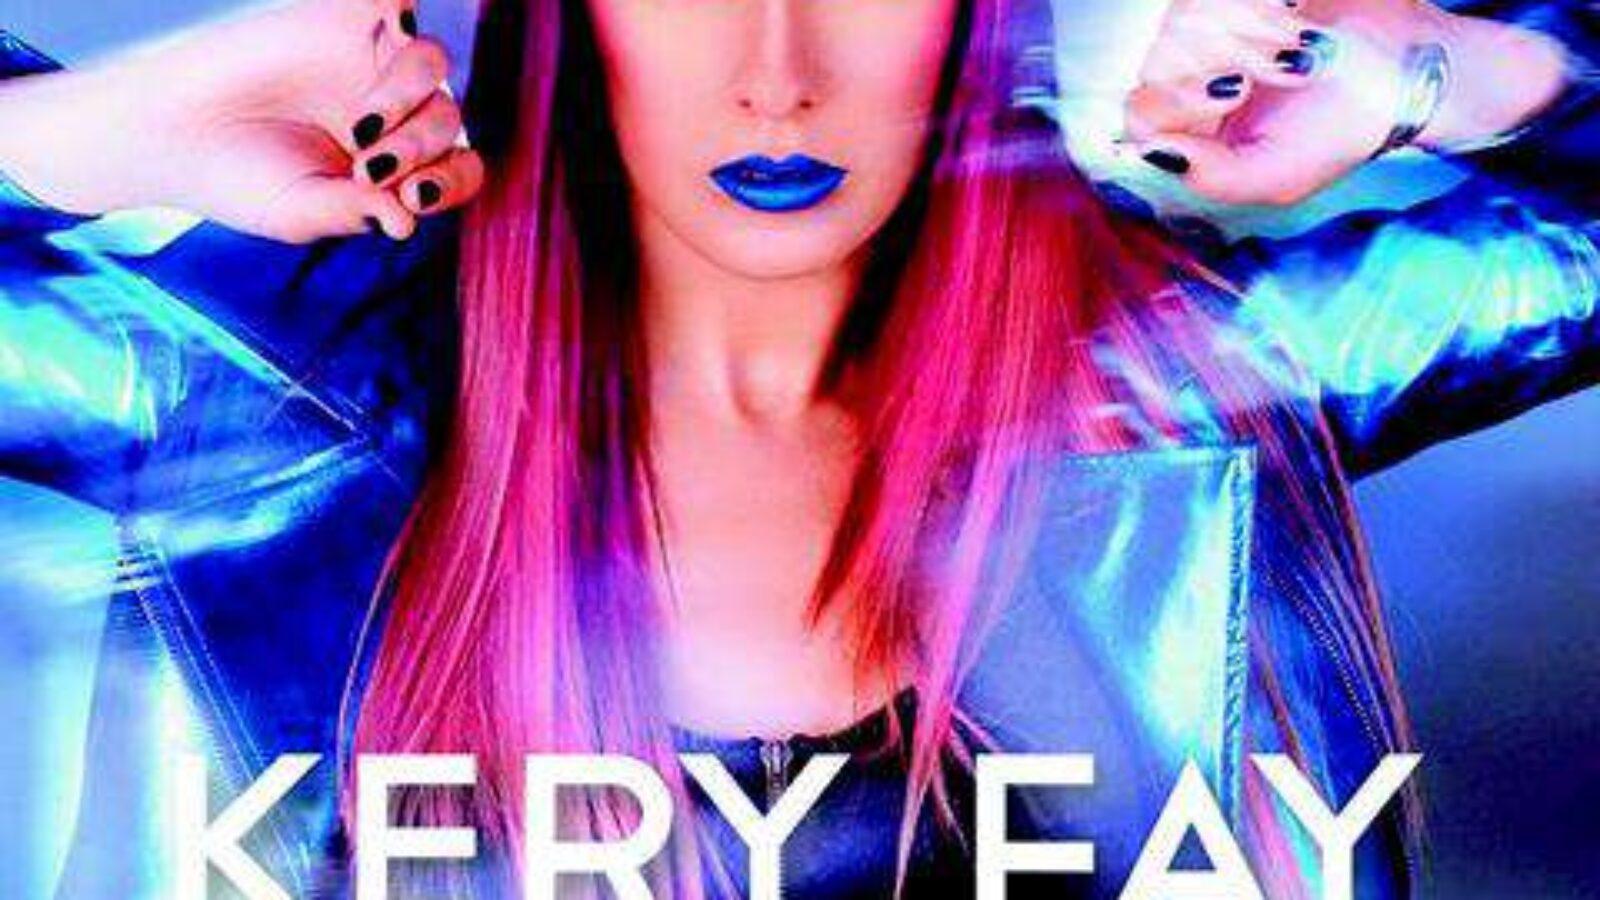 KERY FAY – Hardkiss